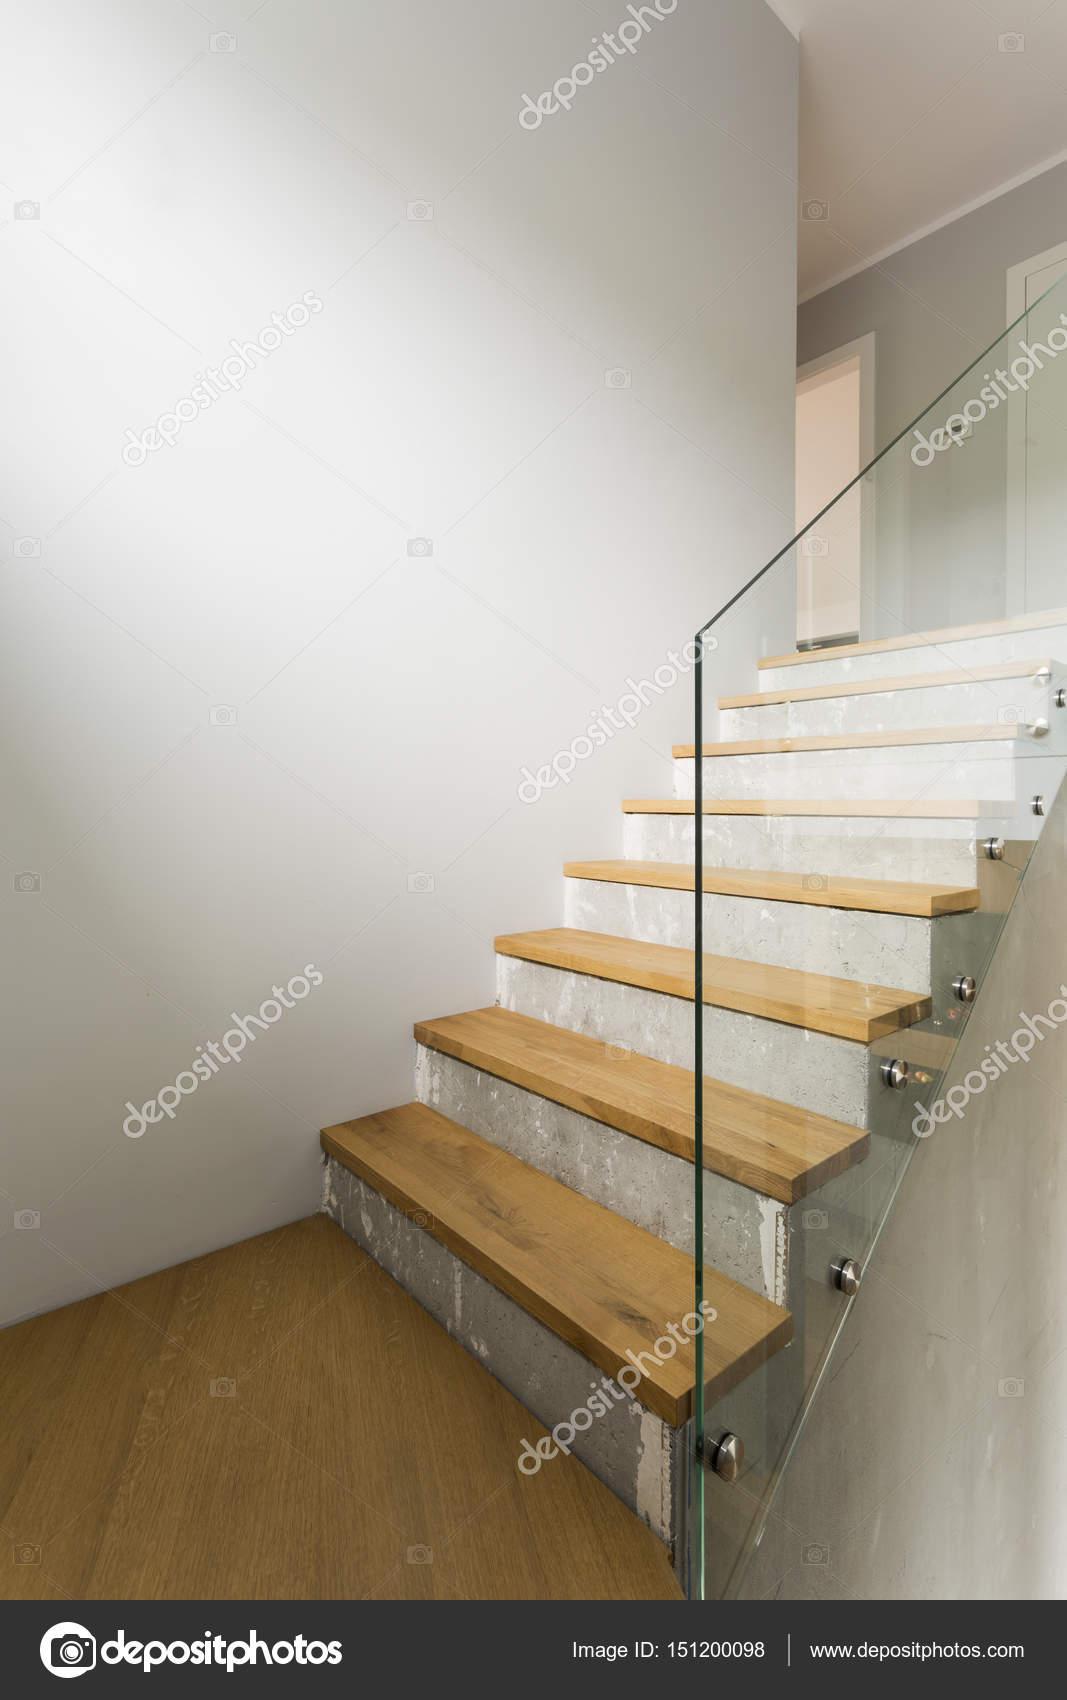 Escaleras de hormig n en interior minimalista foto de stock 151200098 - Escaleras de hormigon ...